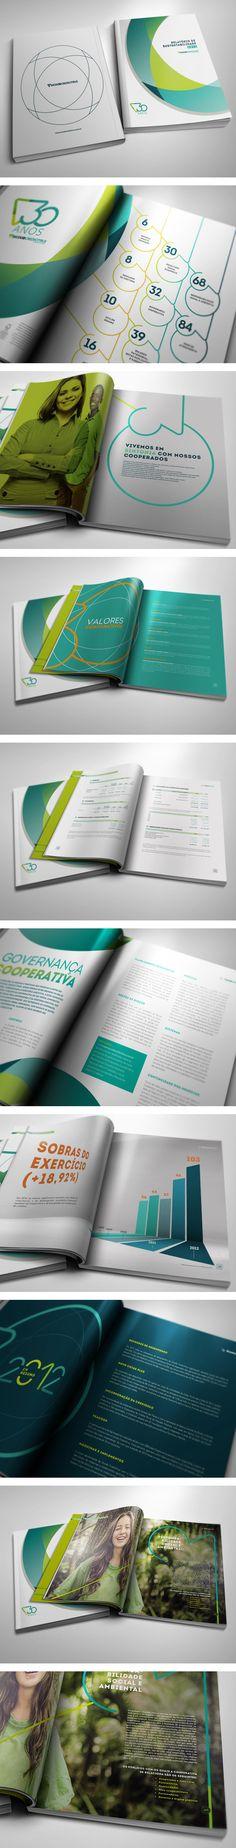 Sicoob Credicitrus Annual Report 2012 by Leonardo Moura Leite